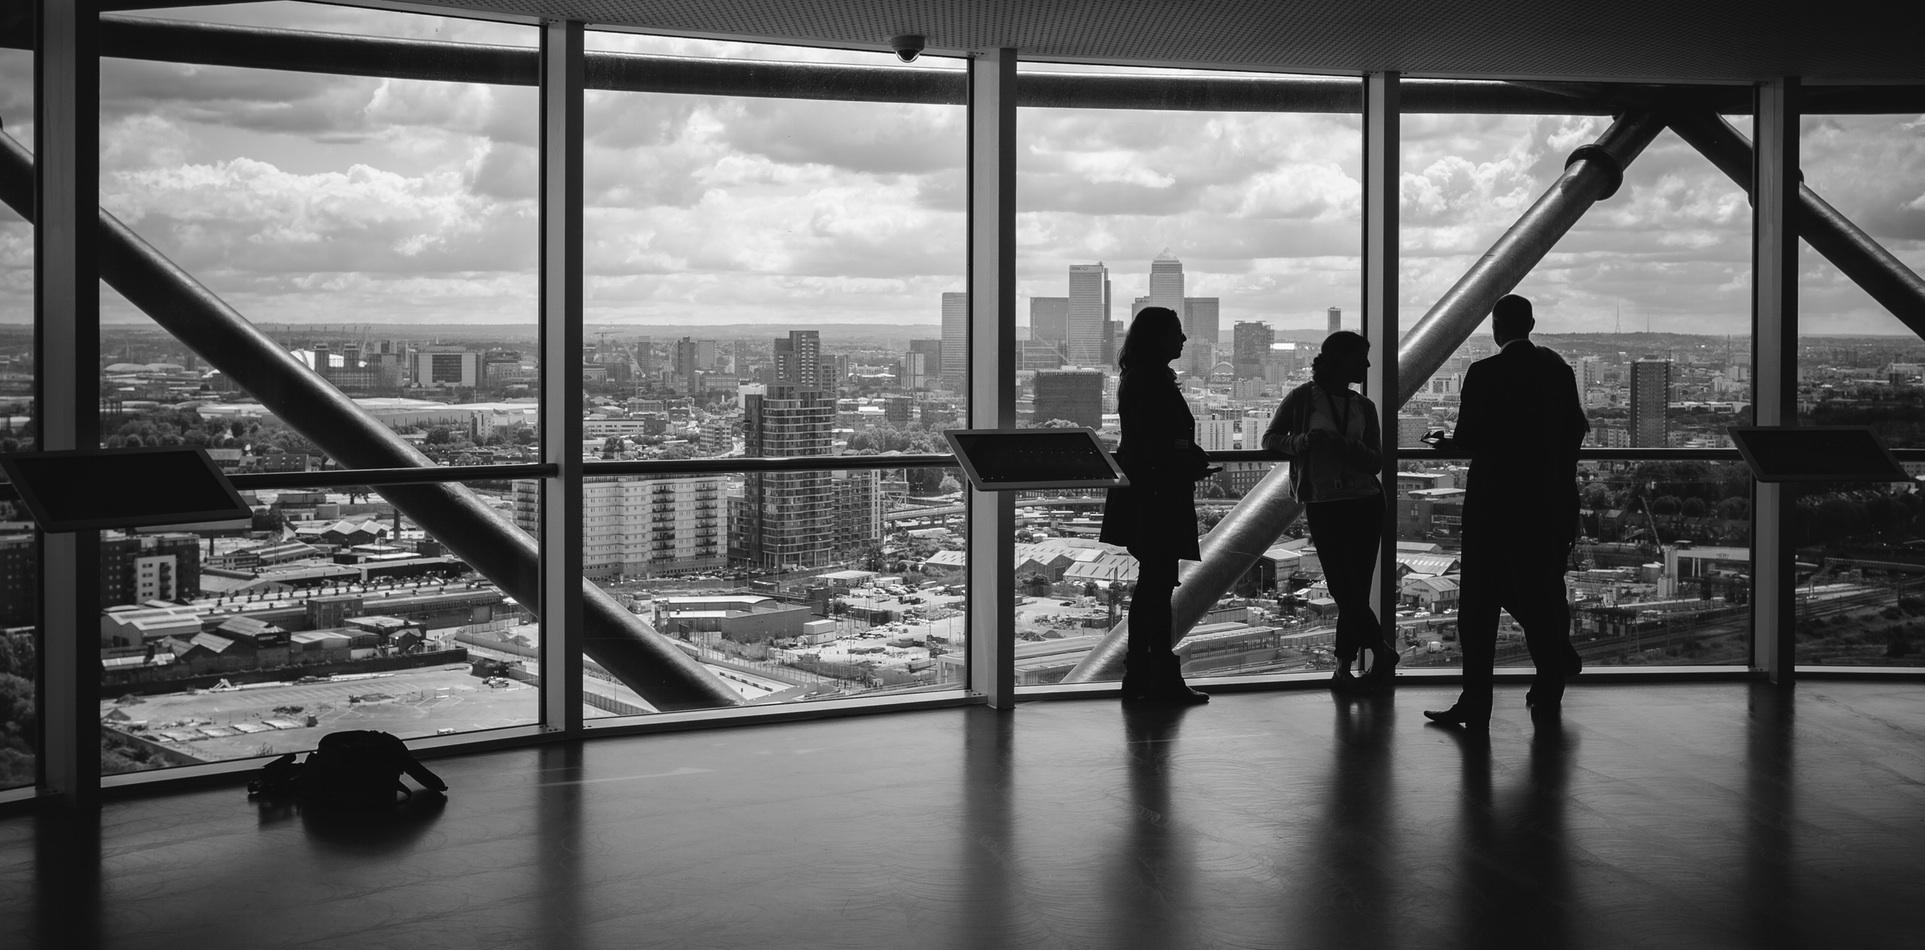 Nasıl Nitelikli İş Bulunur? İş Arama ve İş Bulma Teknikleri